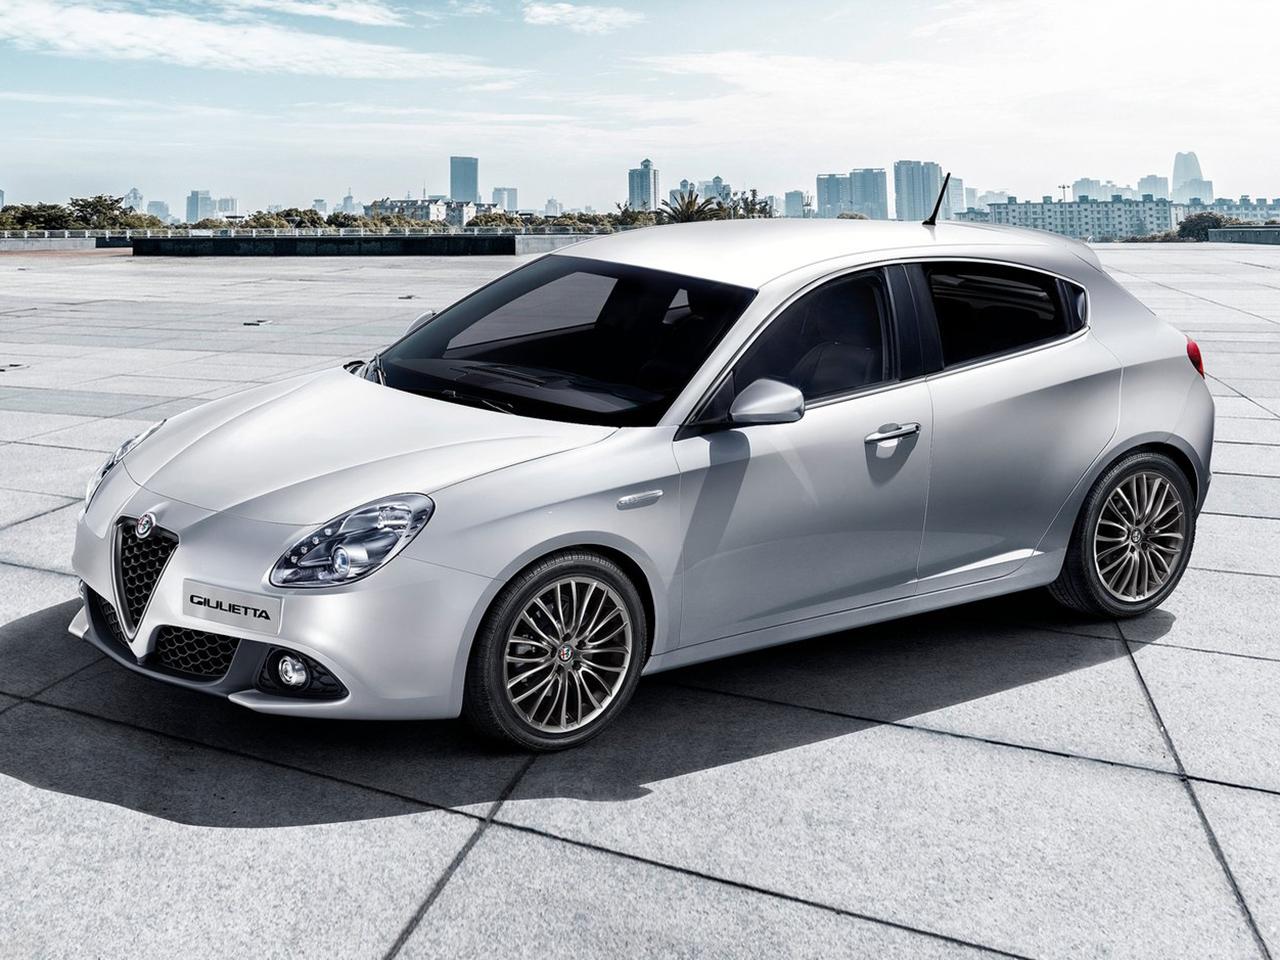 2020 Alfa Romeo Giulietta Price, Design and Review